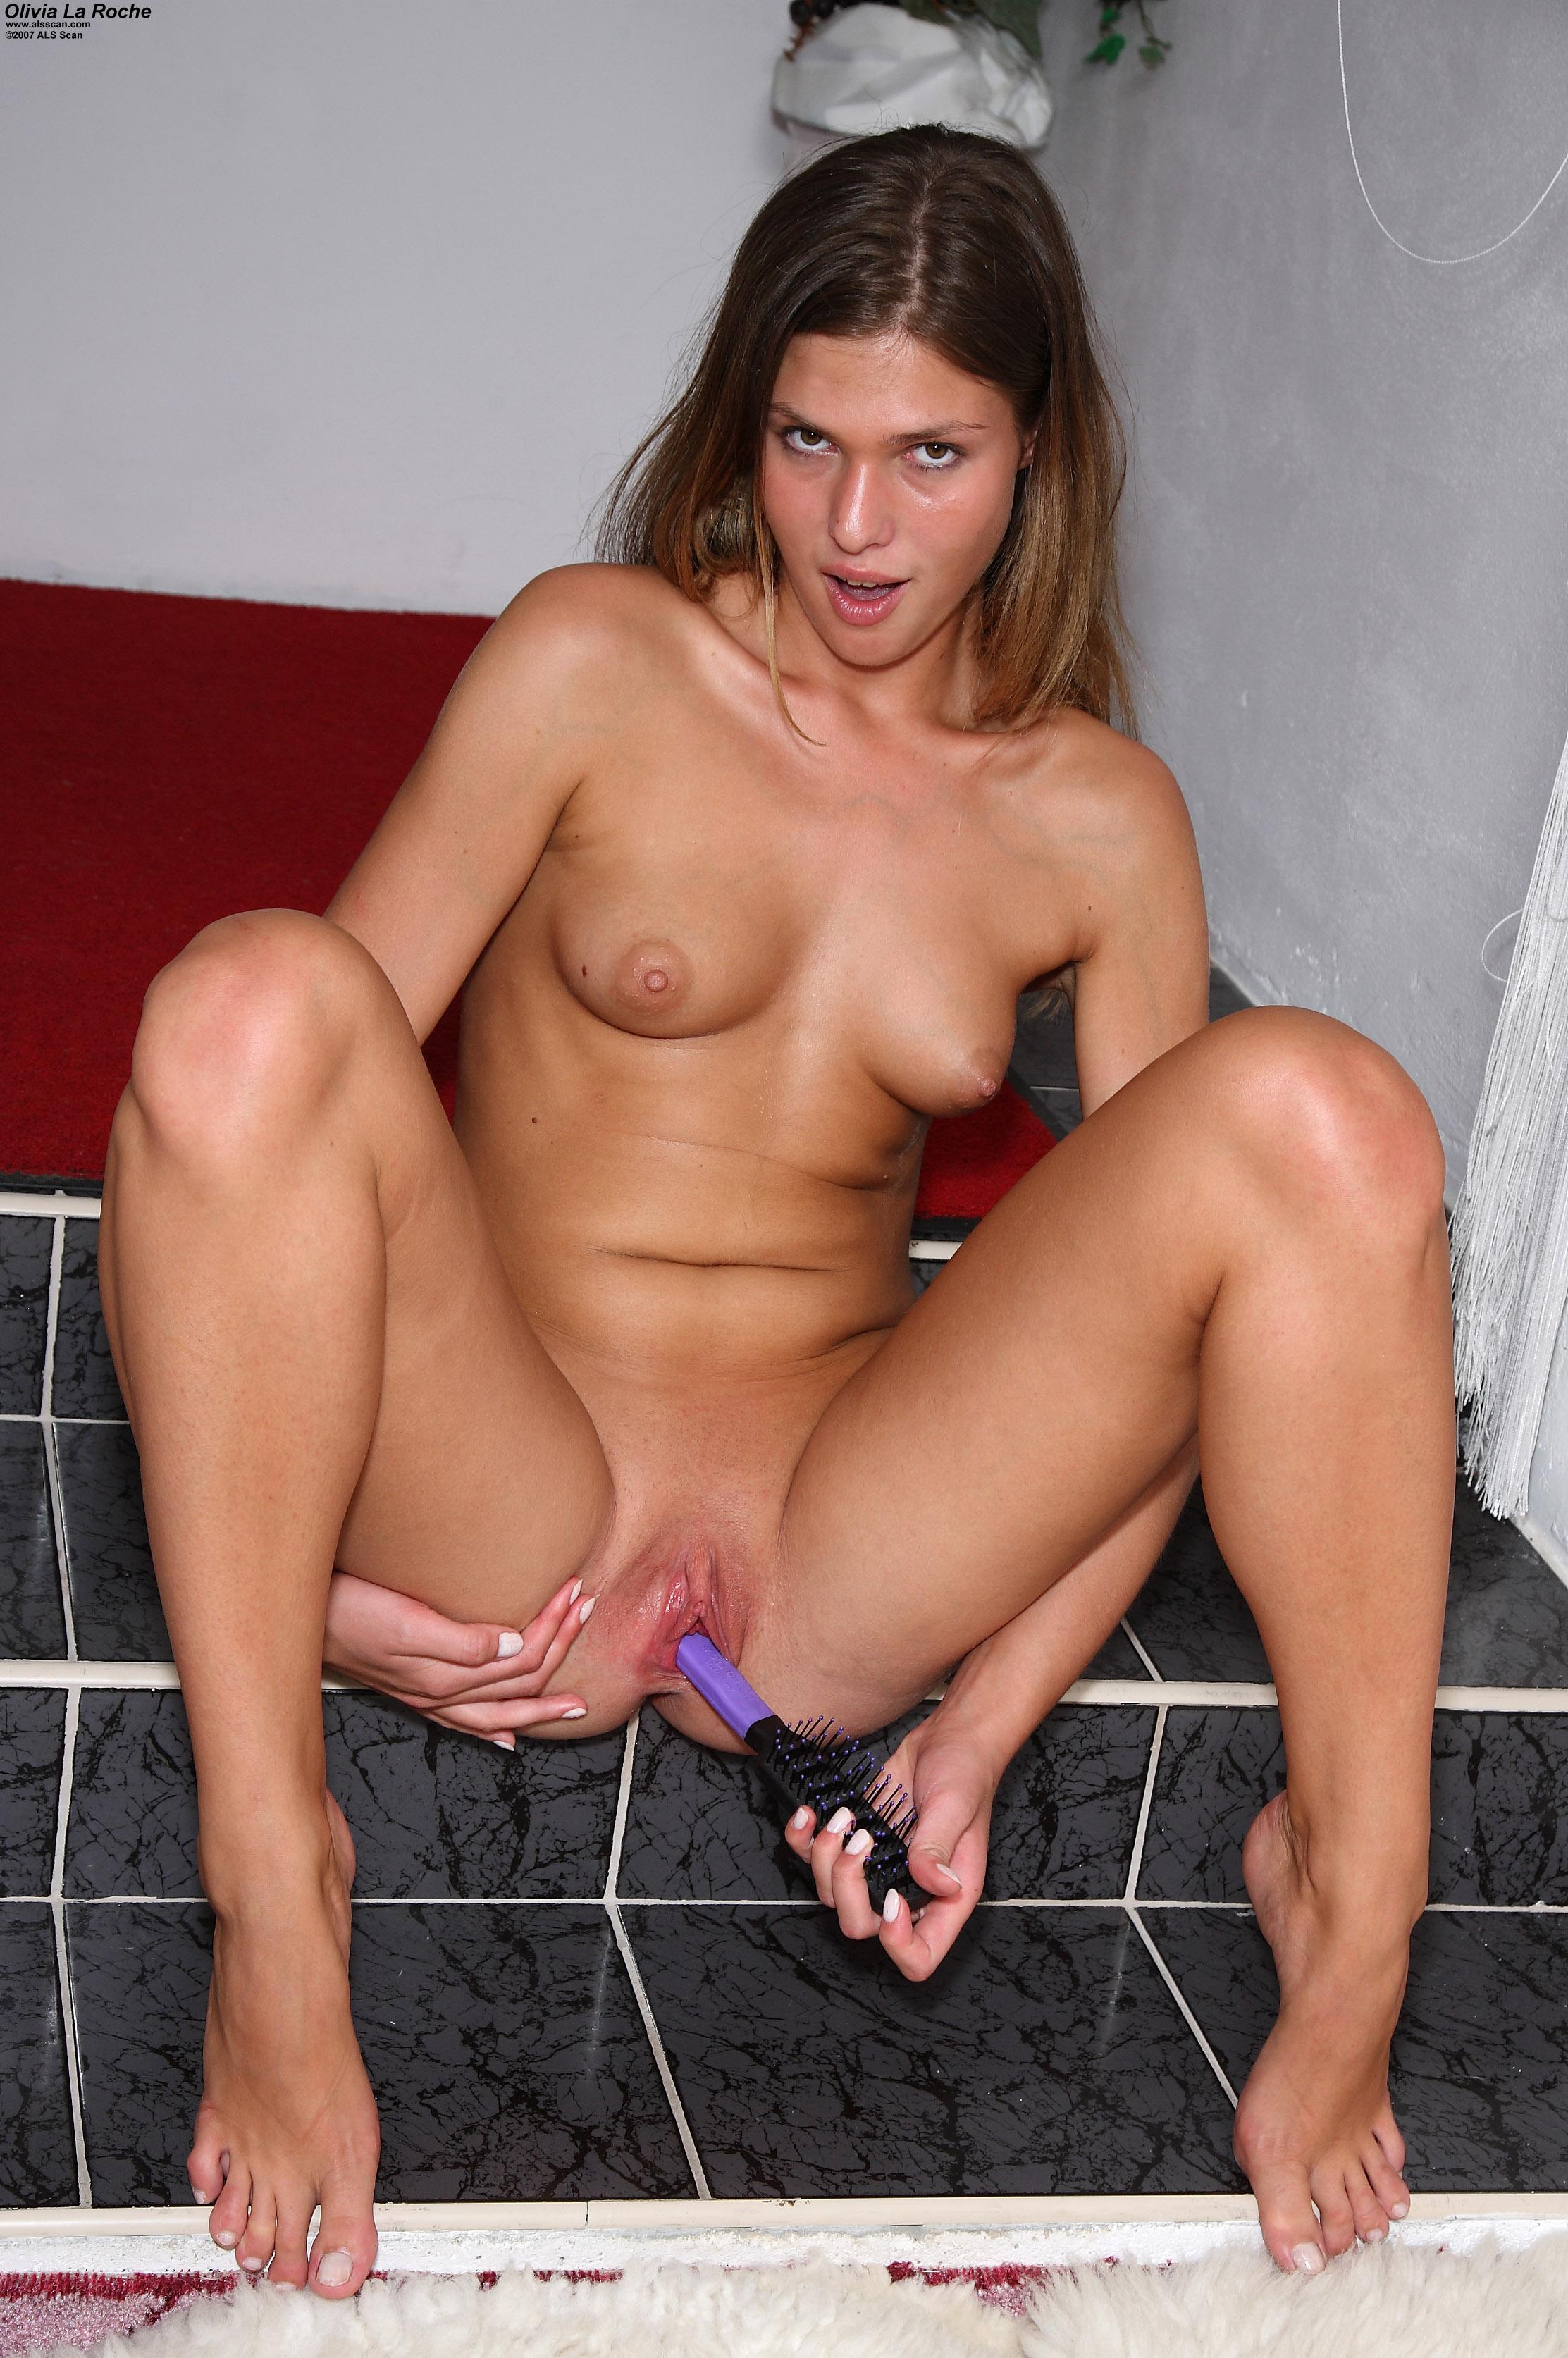 Olivia La Roche Porn